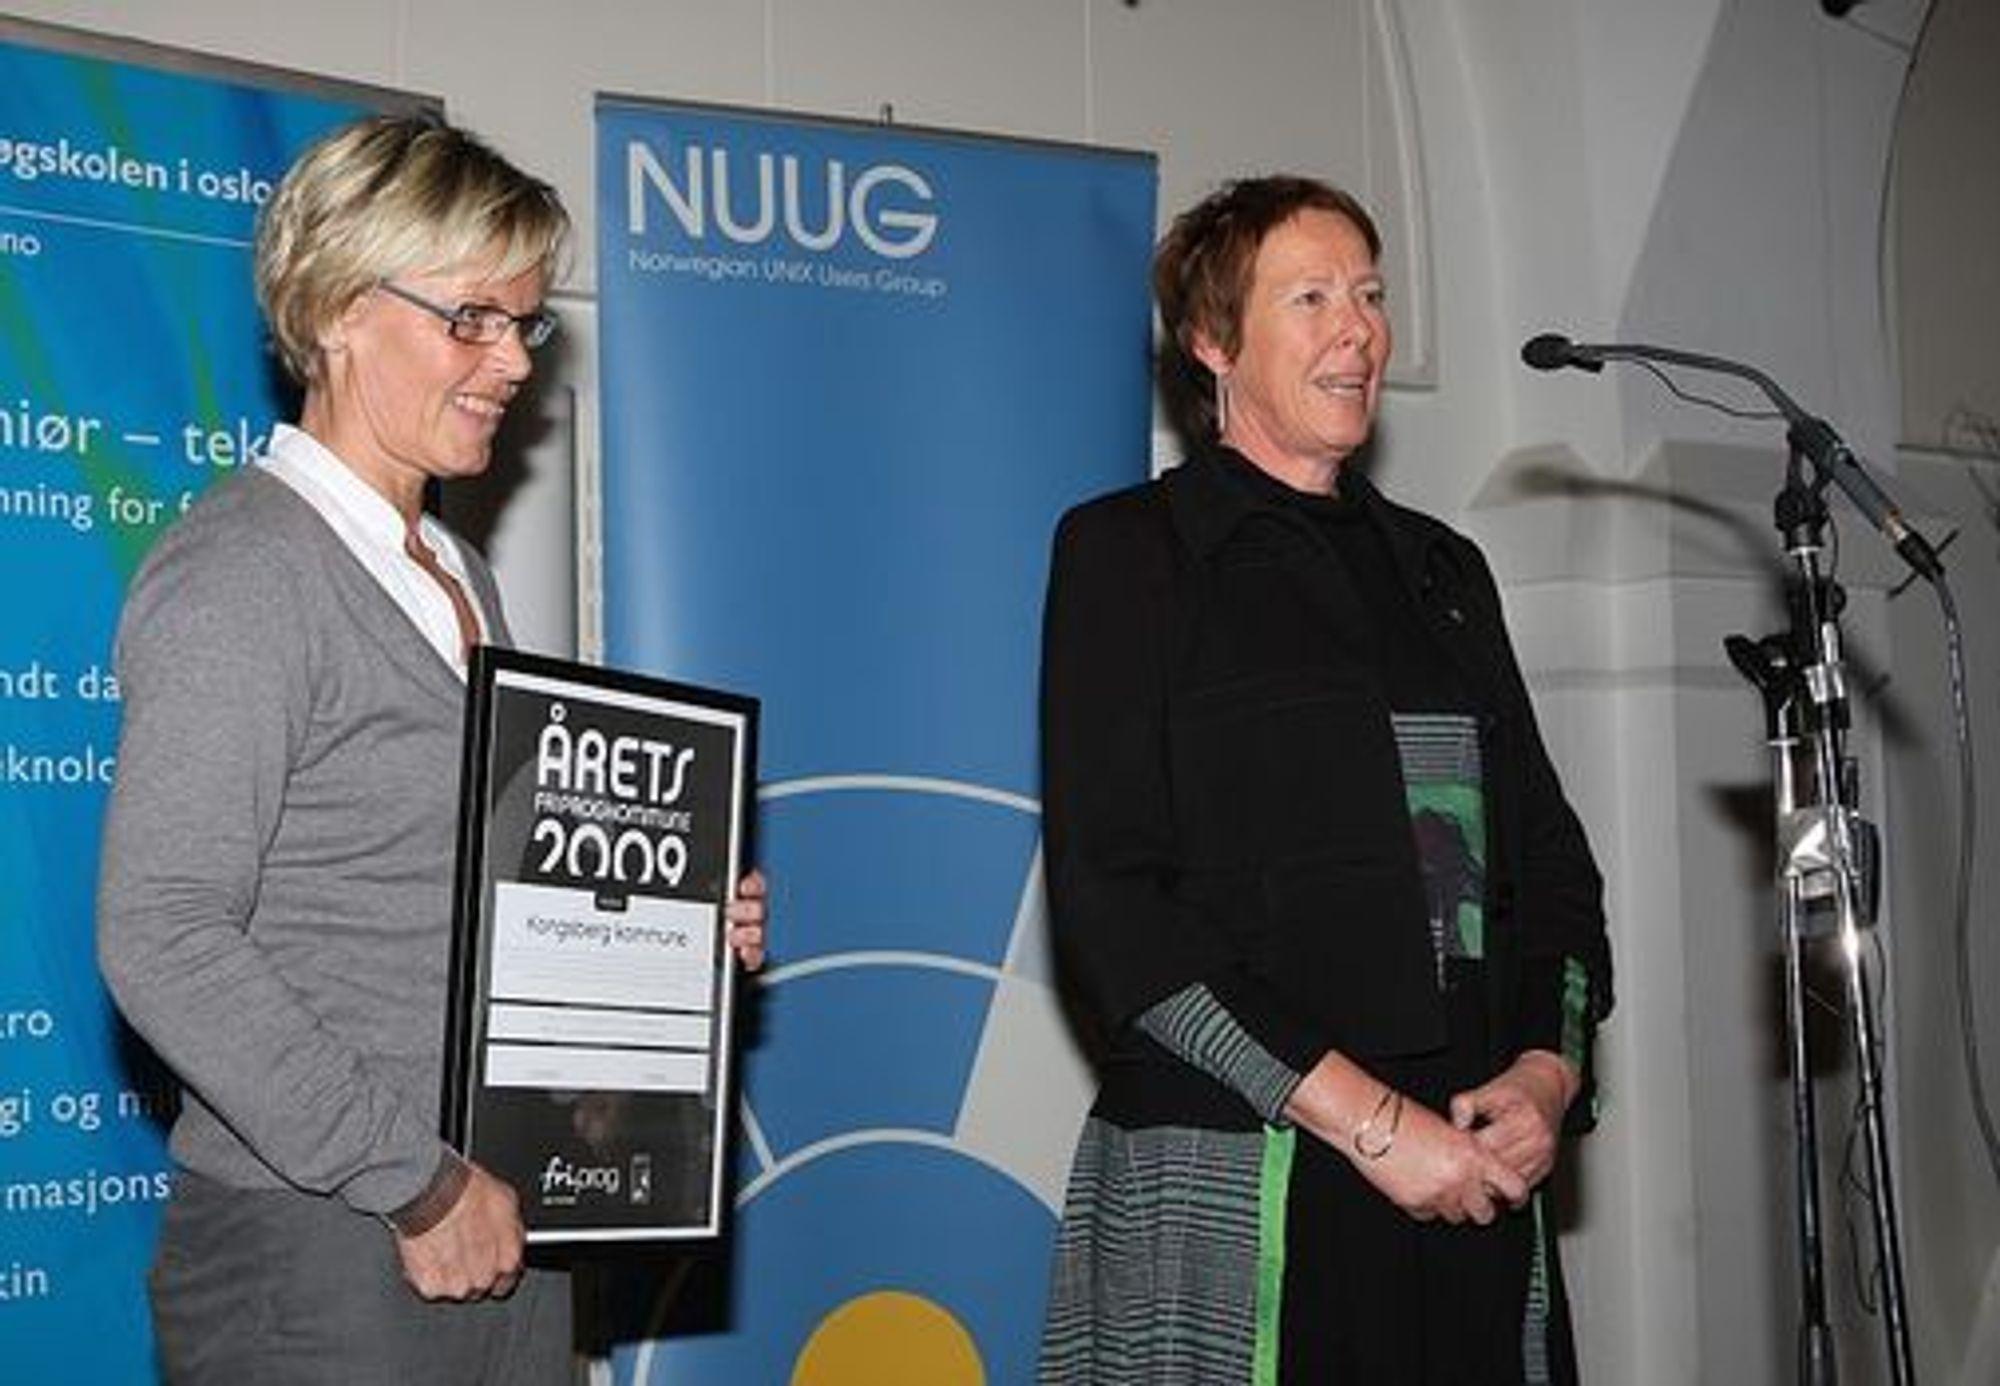 IKT-rådgiver Britt Inger Kolset (t.v.) og rådmann Astrid Sommerstad tok i mot Friprogramvarekommune-prisen på vegne av Kongsberg kommune.